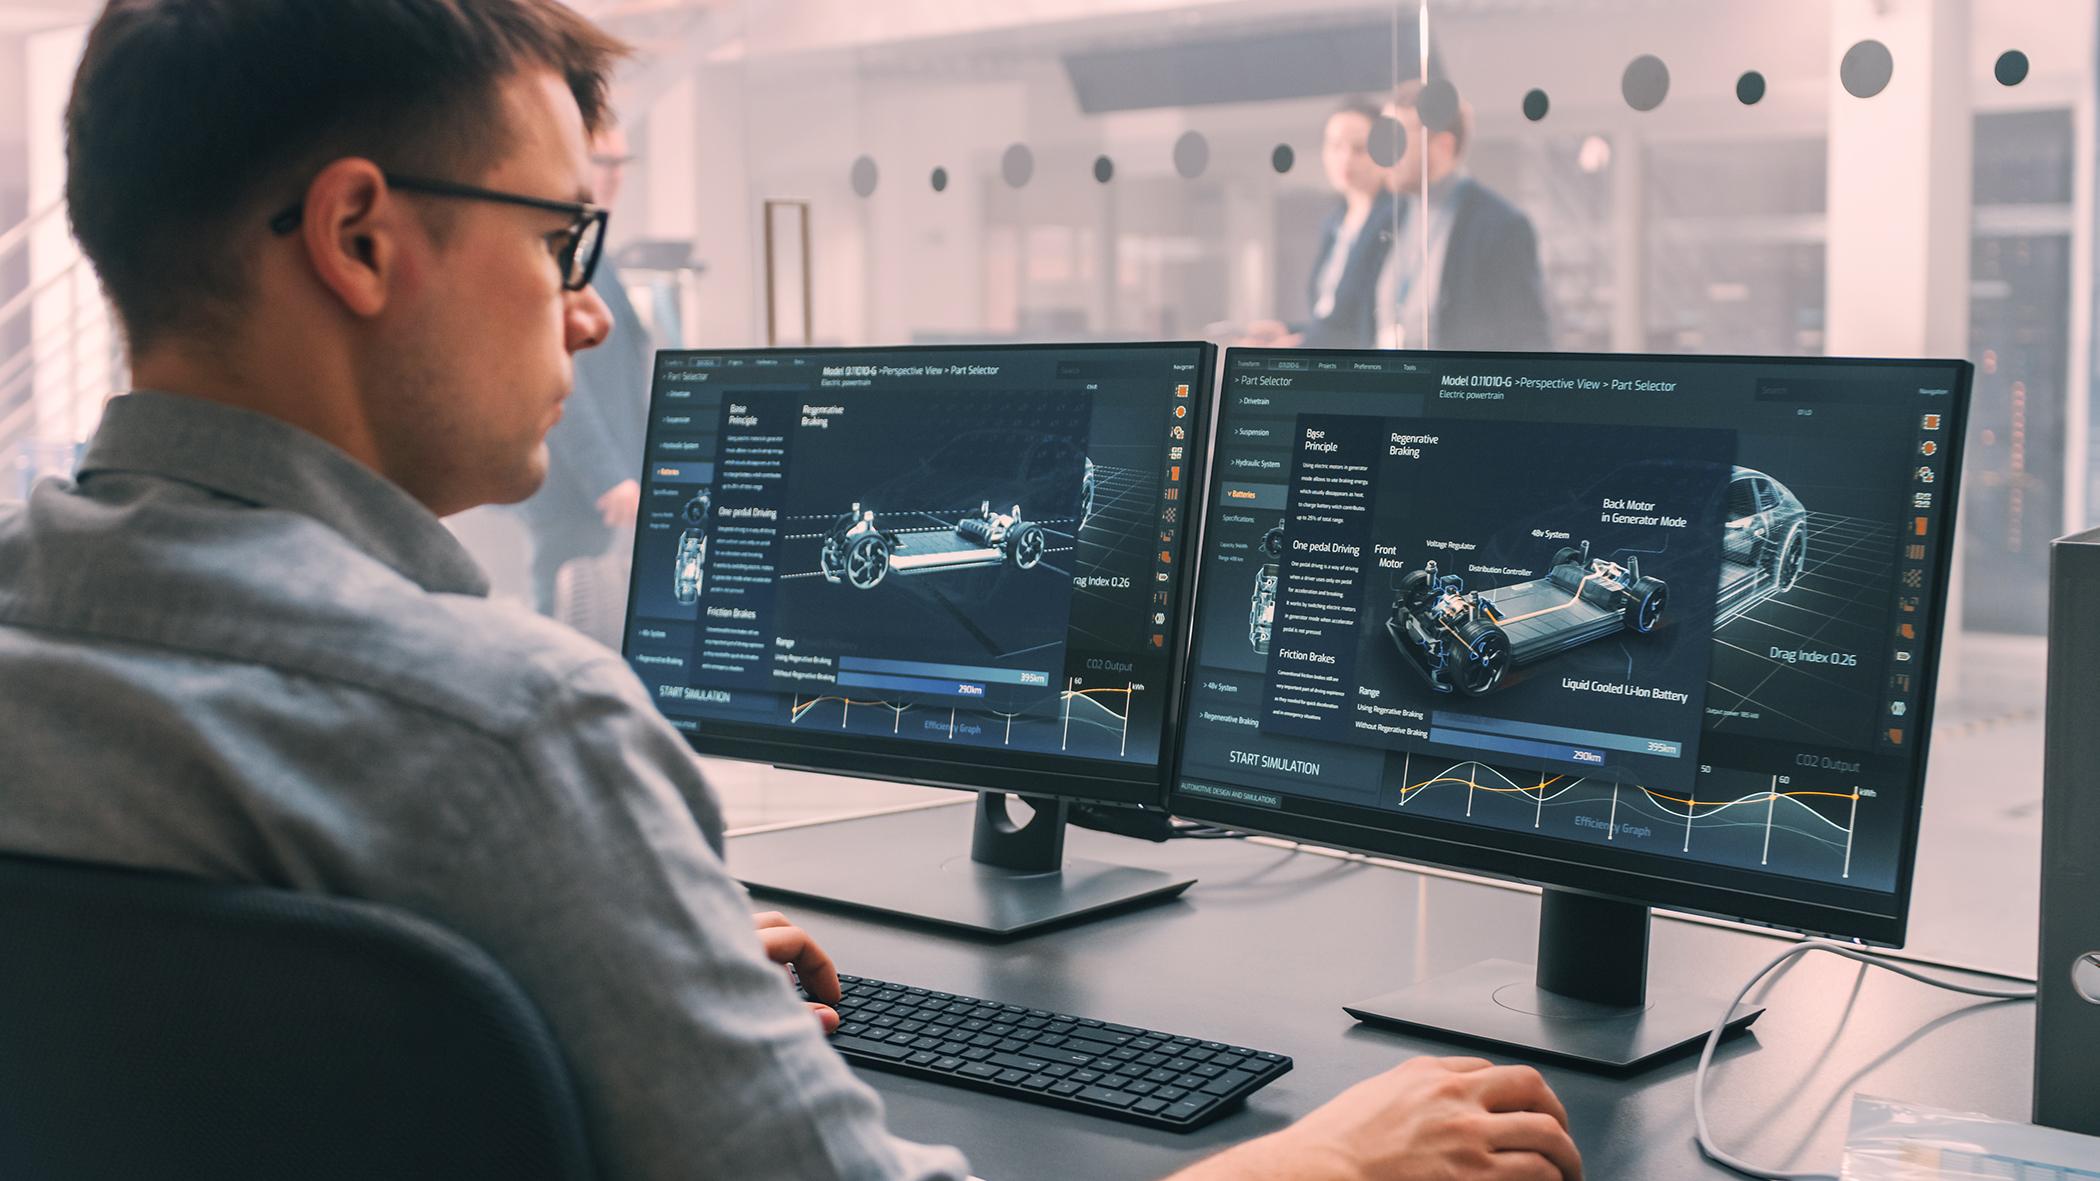 Softvér bude hrať kľúčovú úlohu v automobiloch budúcnosti